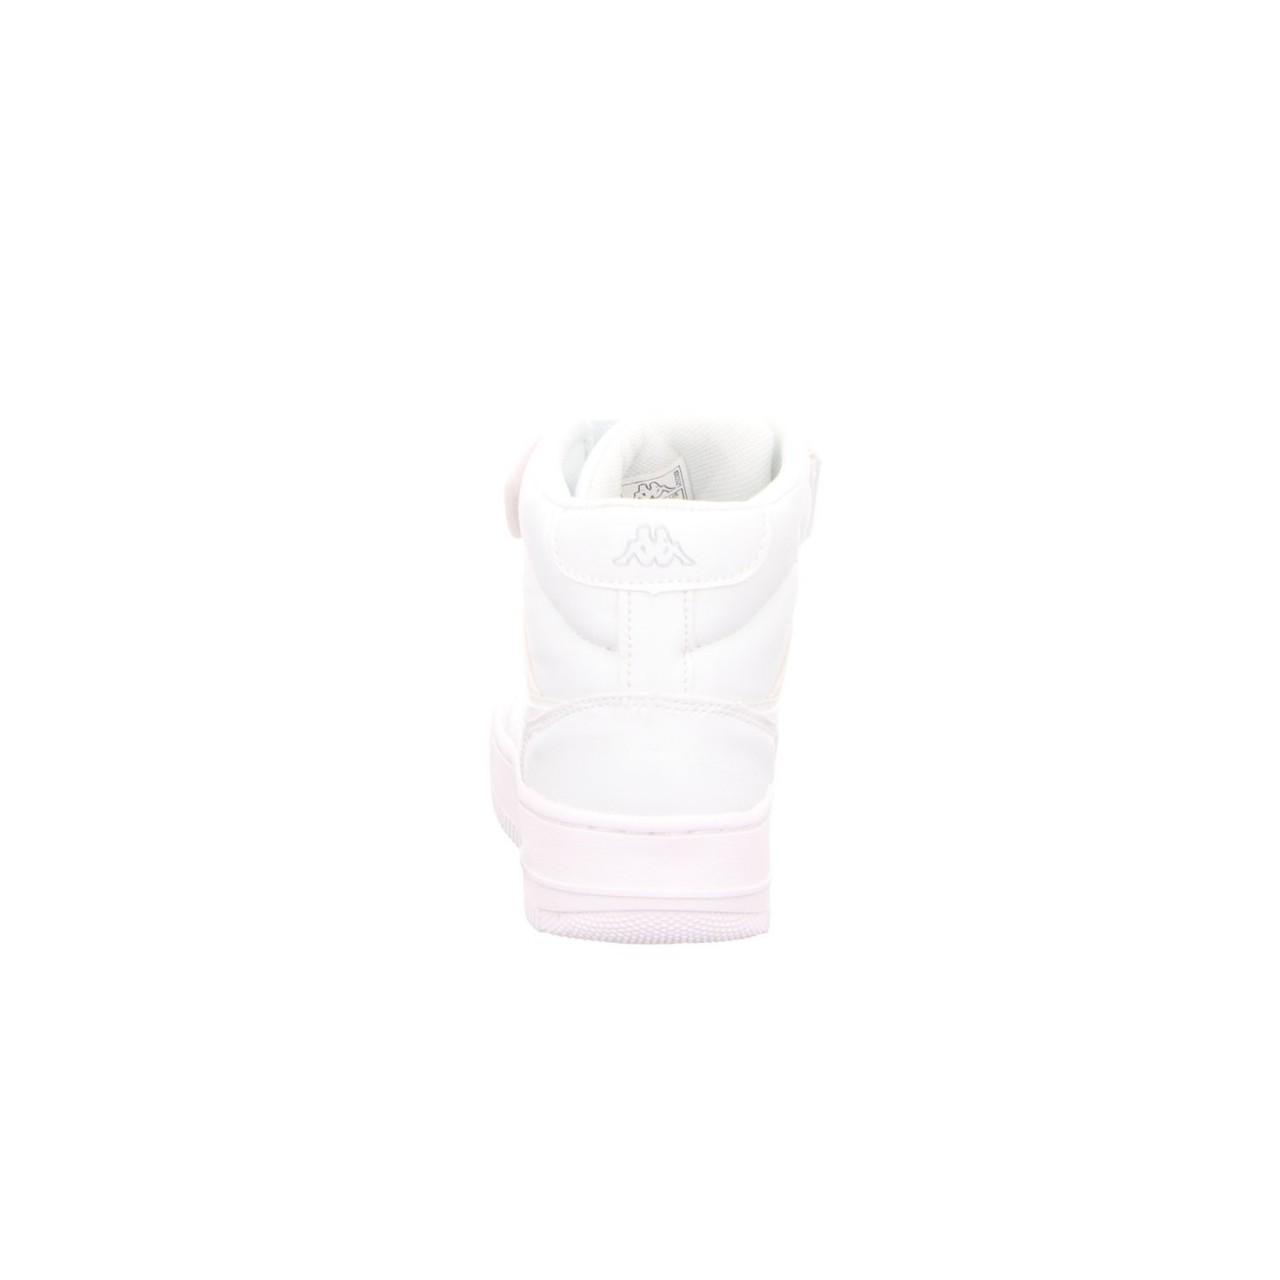 szczegóły sprzedaż obuwia najlepszy design Trainers White Bash Mid 242610/1014